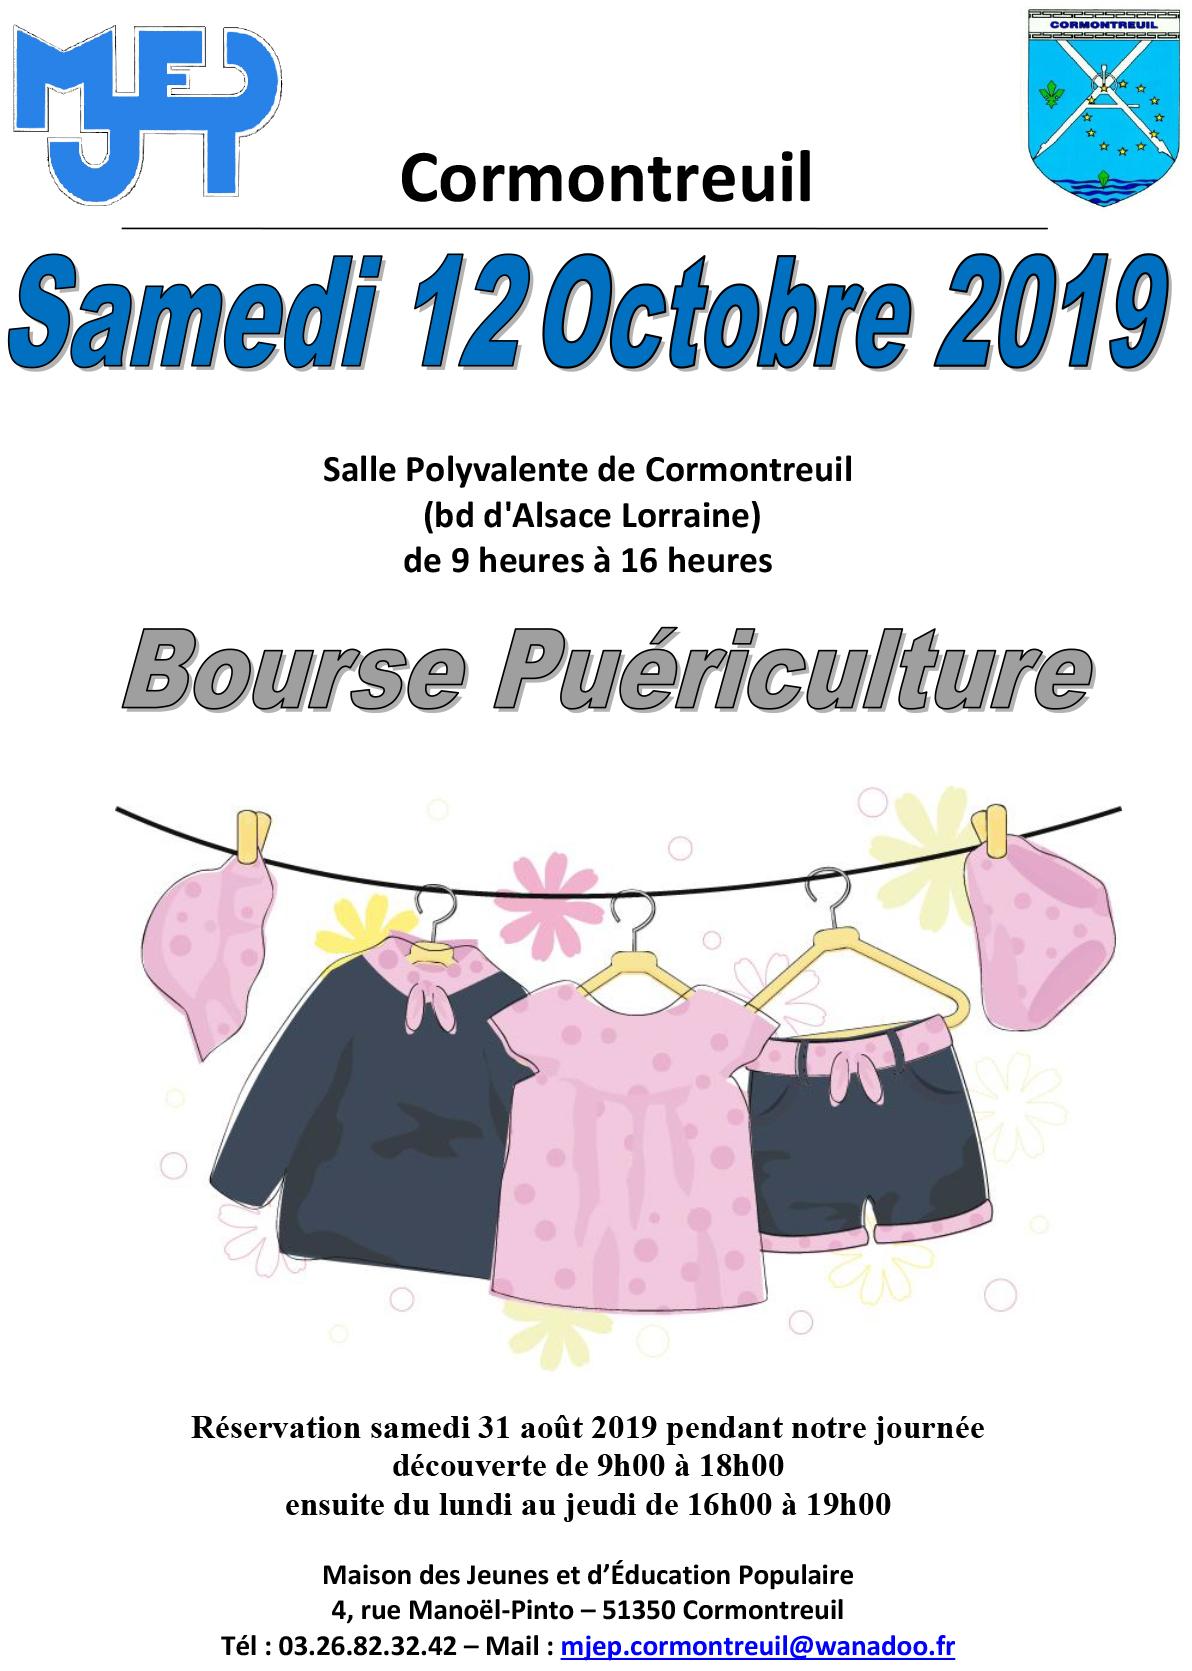 Cormontreuil 12 octobre 2019 salle polyvalente bourse puériculture